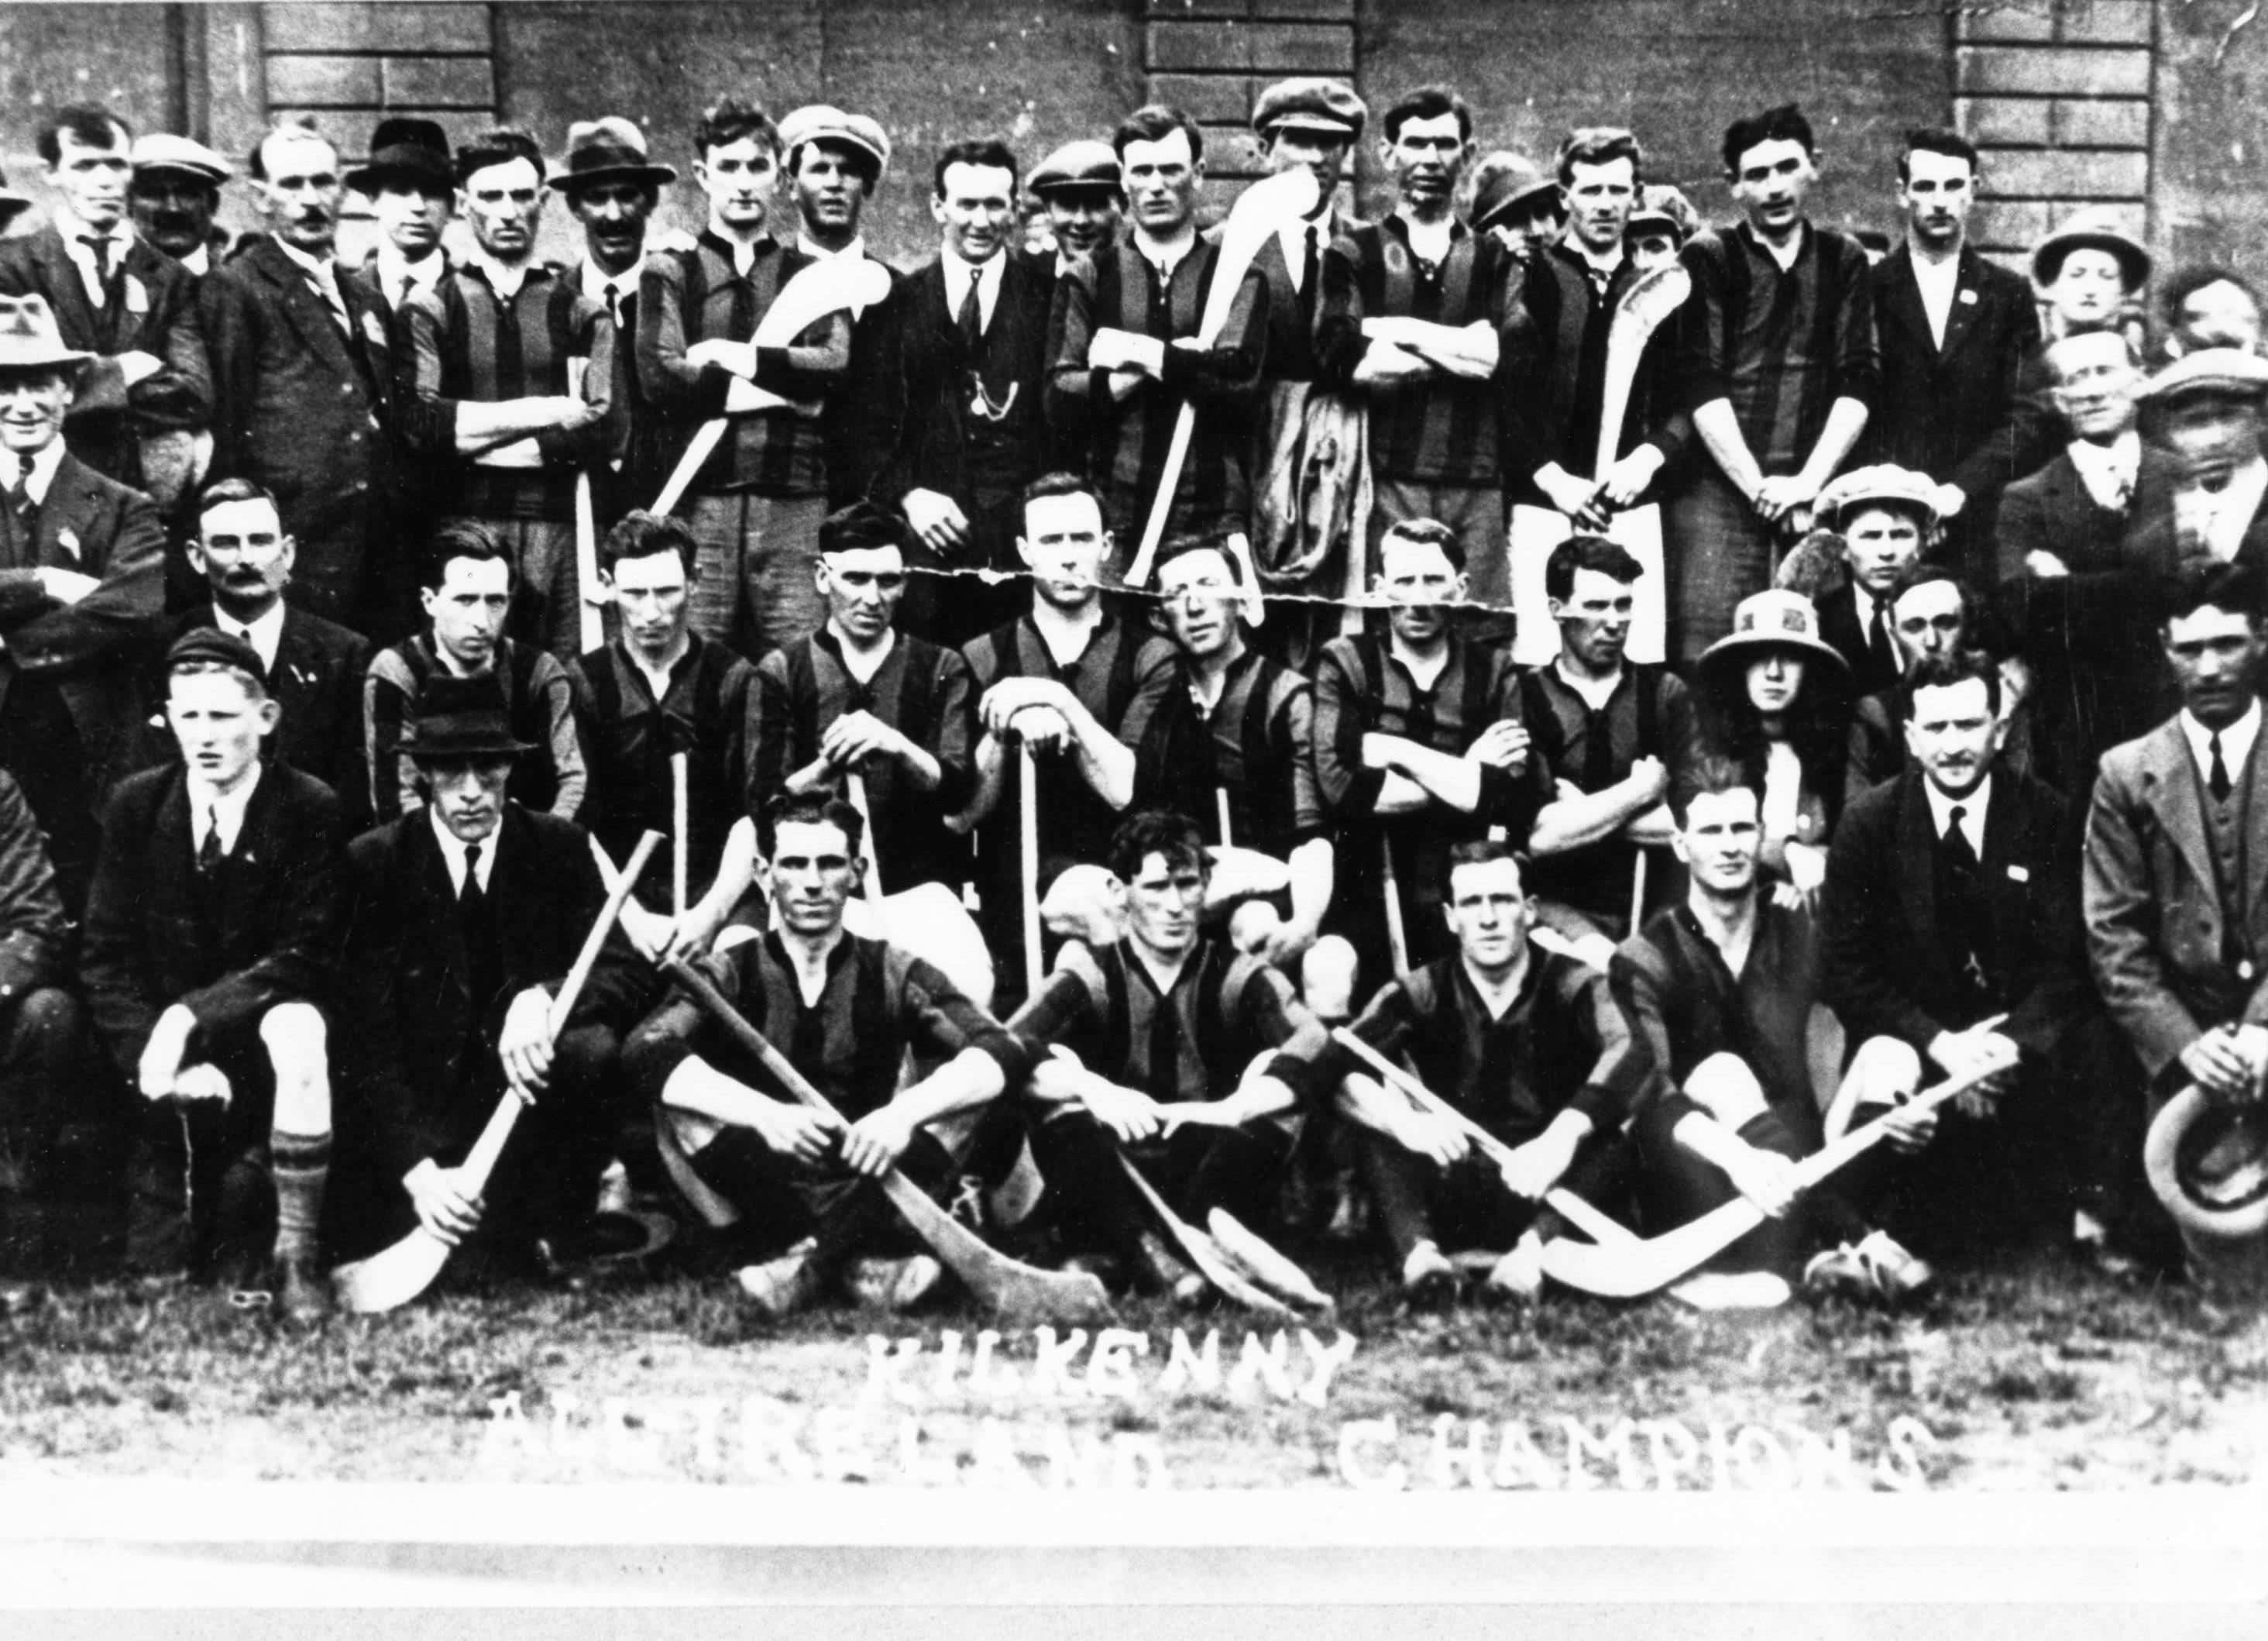 Kilkenny 1922 Hurling All-Ireland Champions